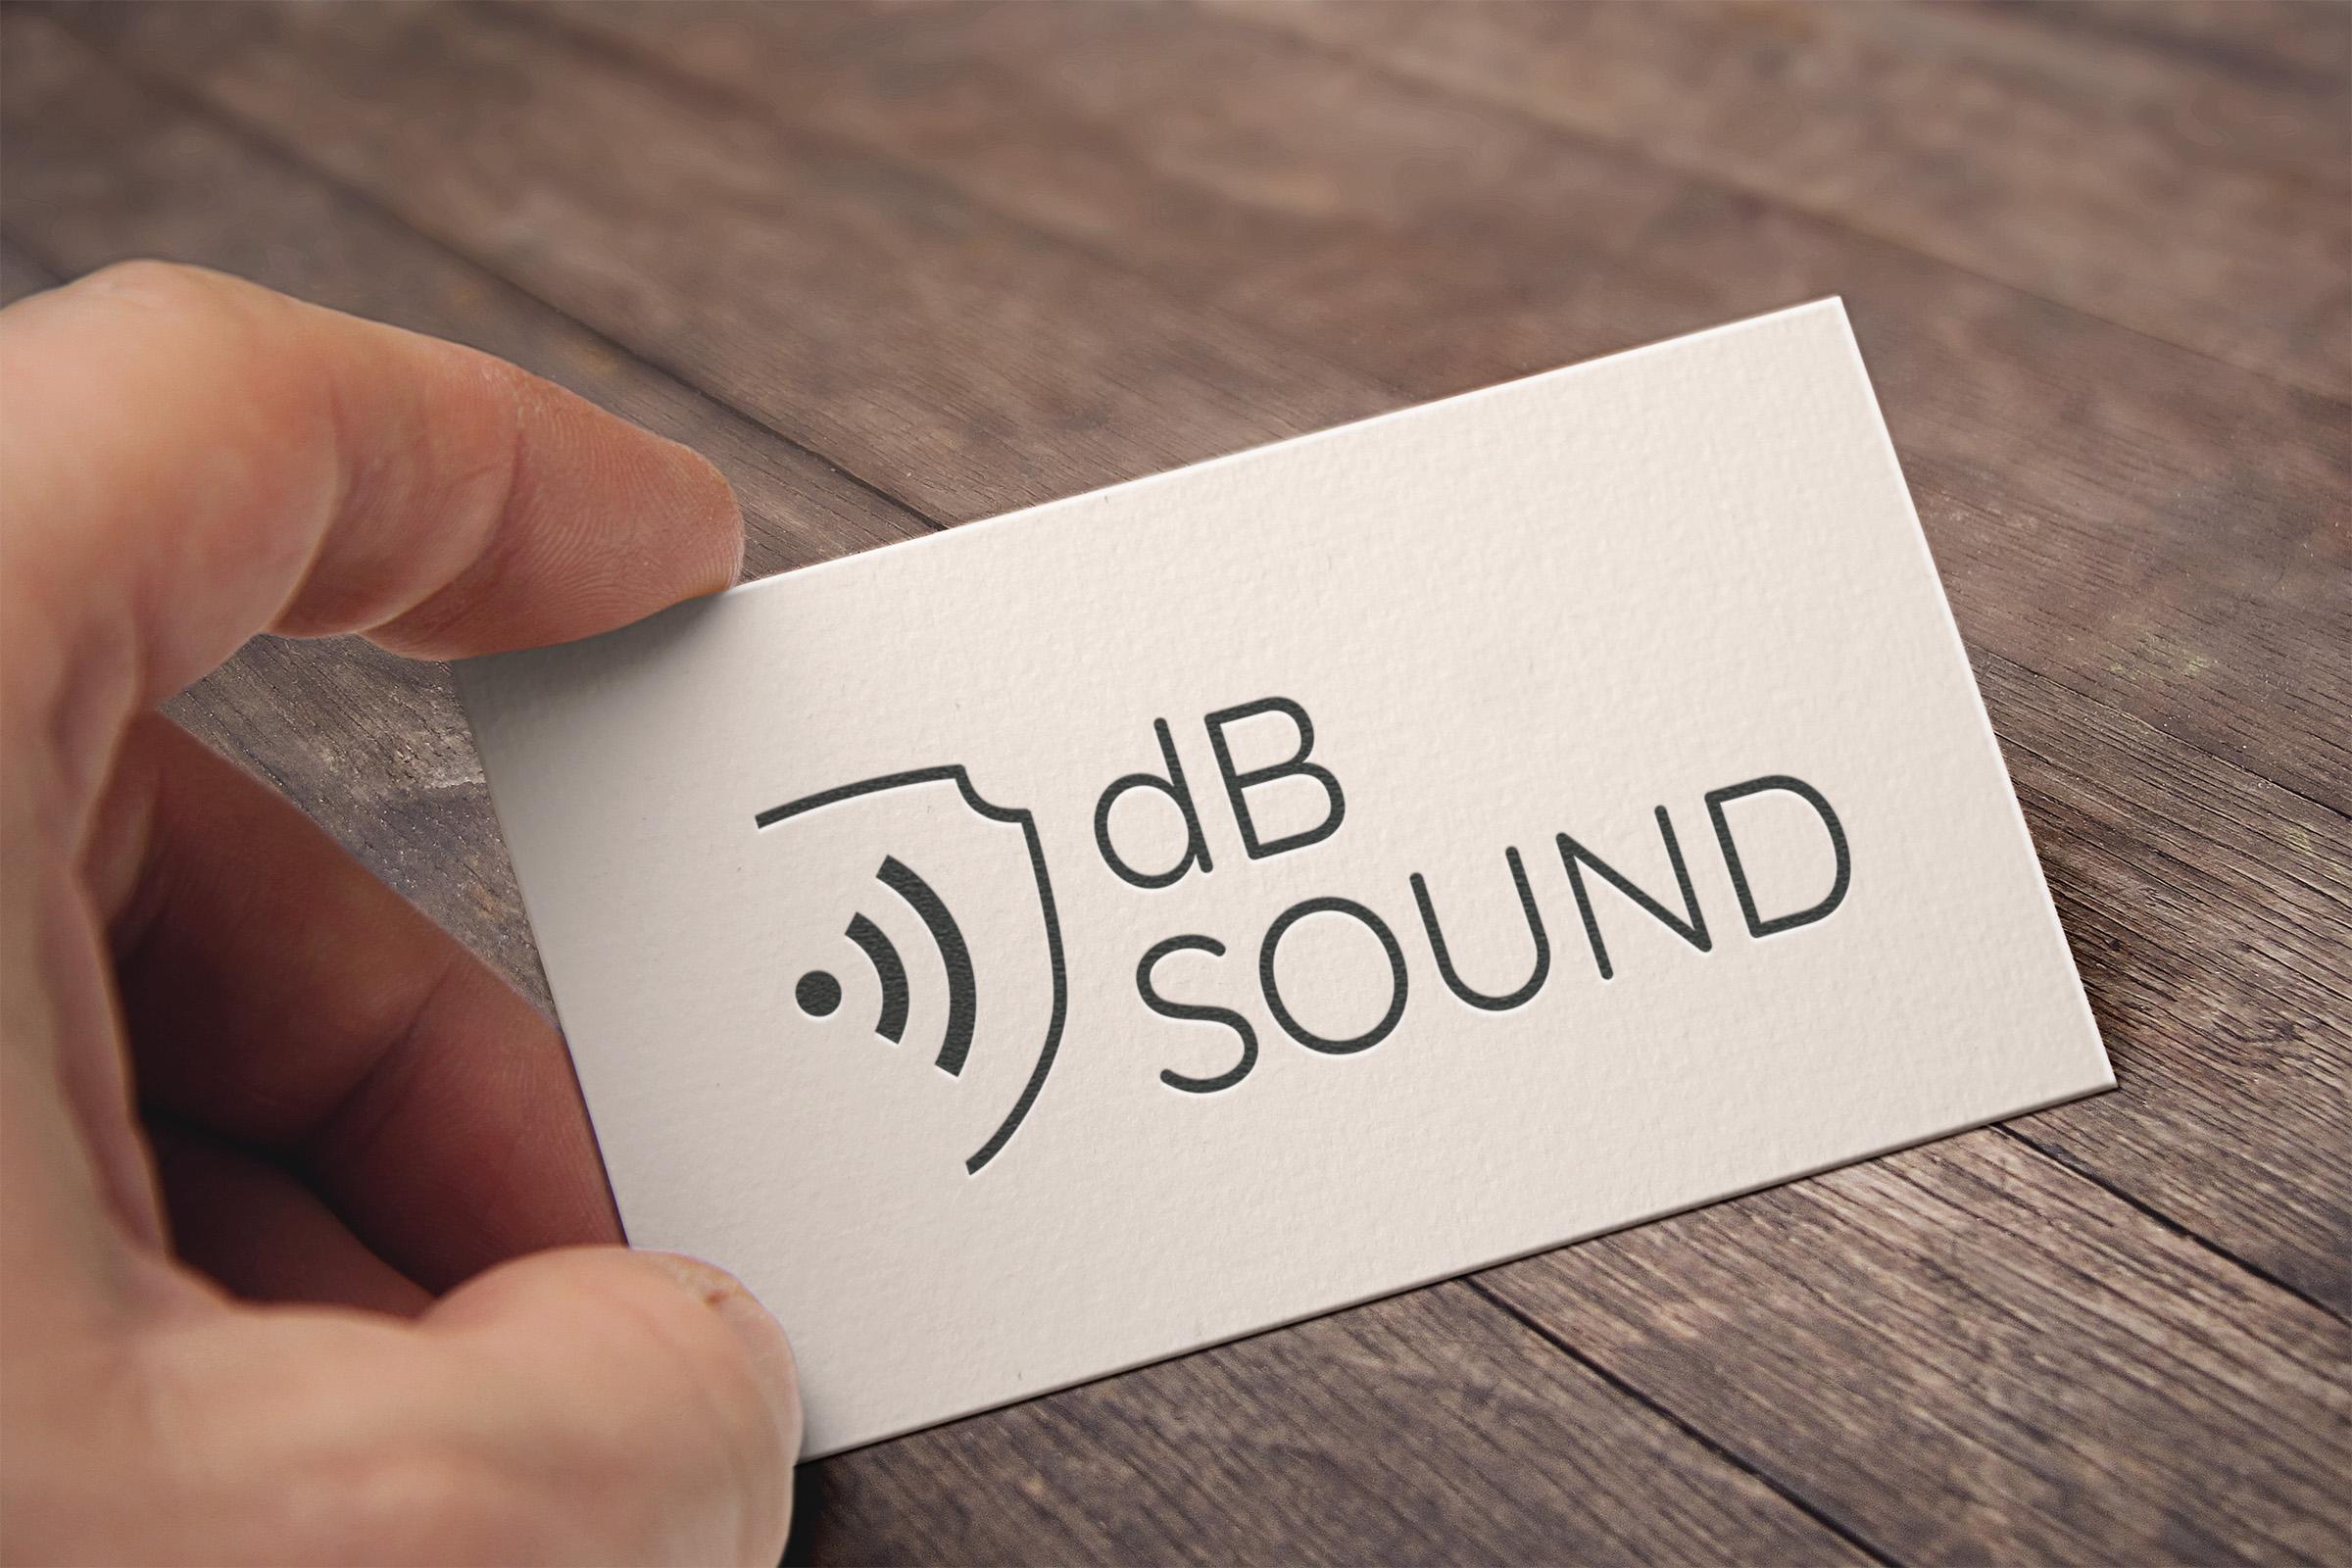 Создание логотипа для компании dB Sound фото f_97959b8a665ea9cc.jpg